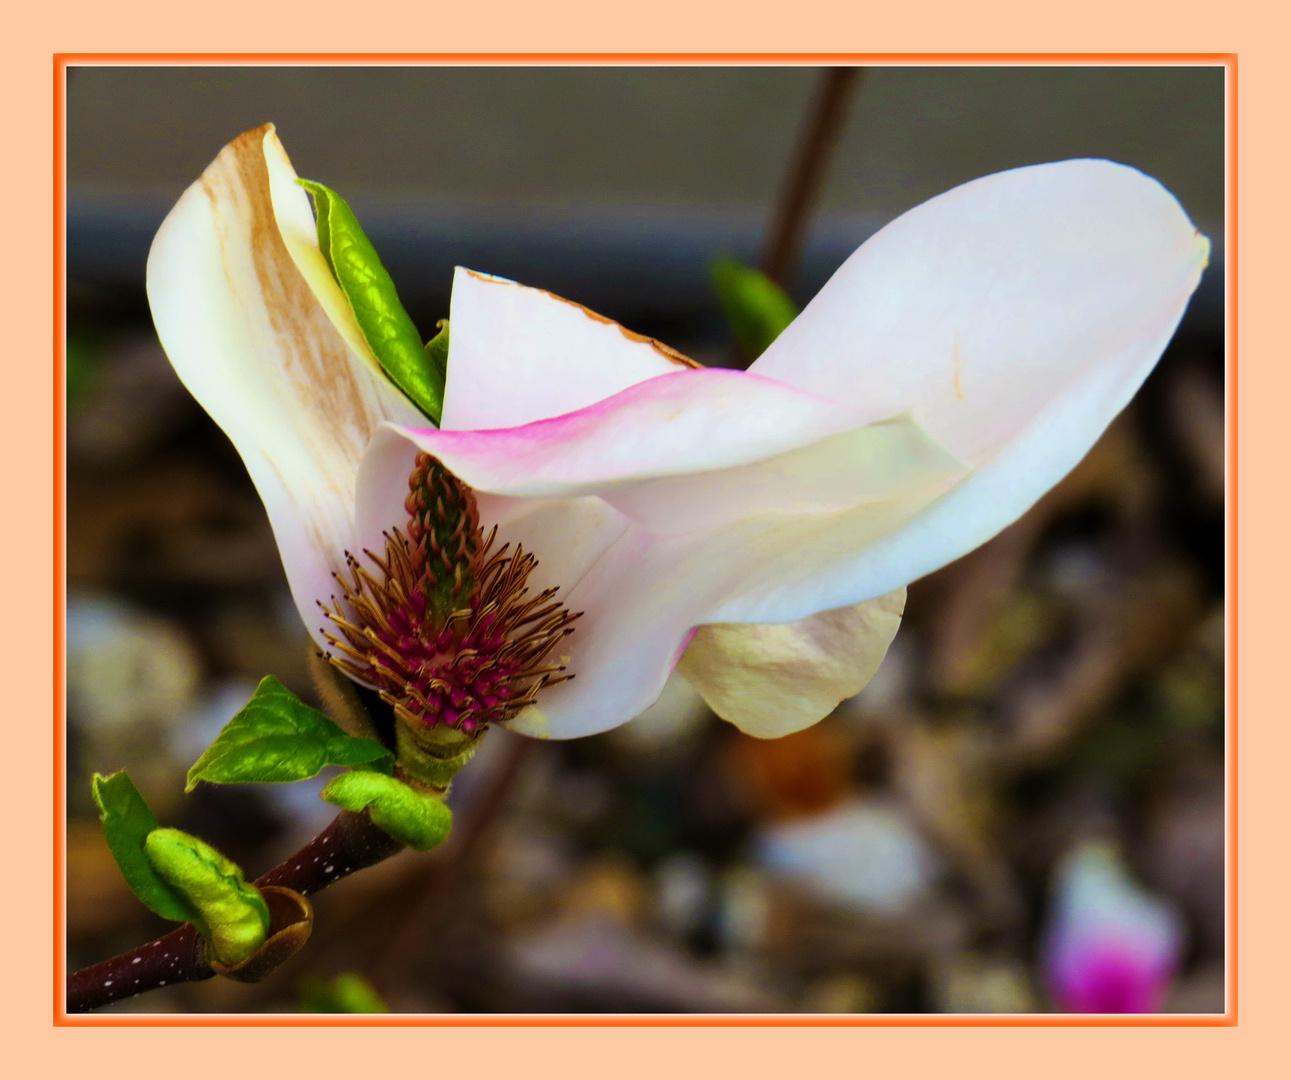 Magnolie - etwas entblättert